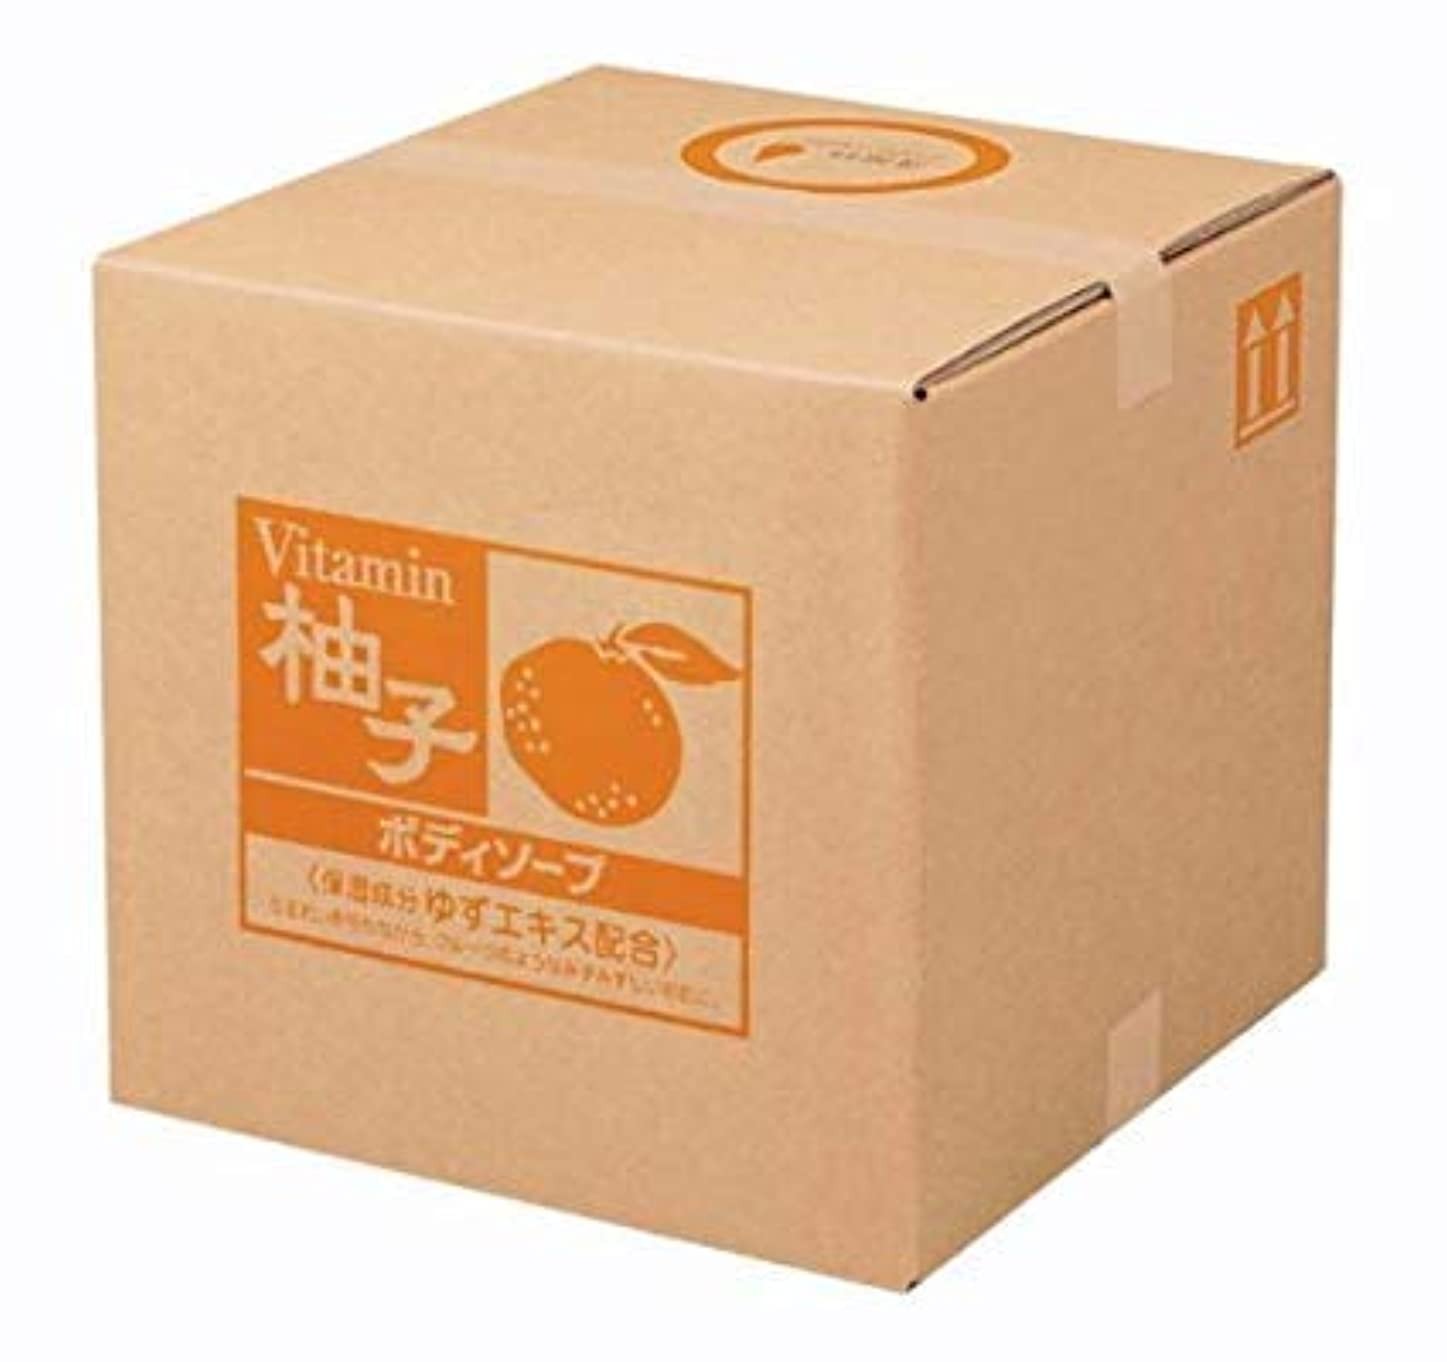 納屋兵隊アプライアンス業務用 SCRITT(スクリット) 柚子 ボディソープ 18L 熊野油脂 (コック無し)